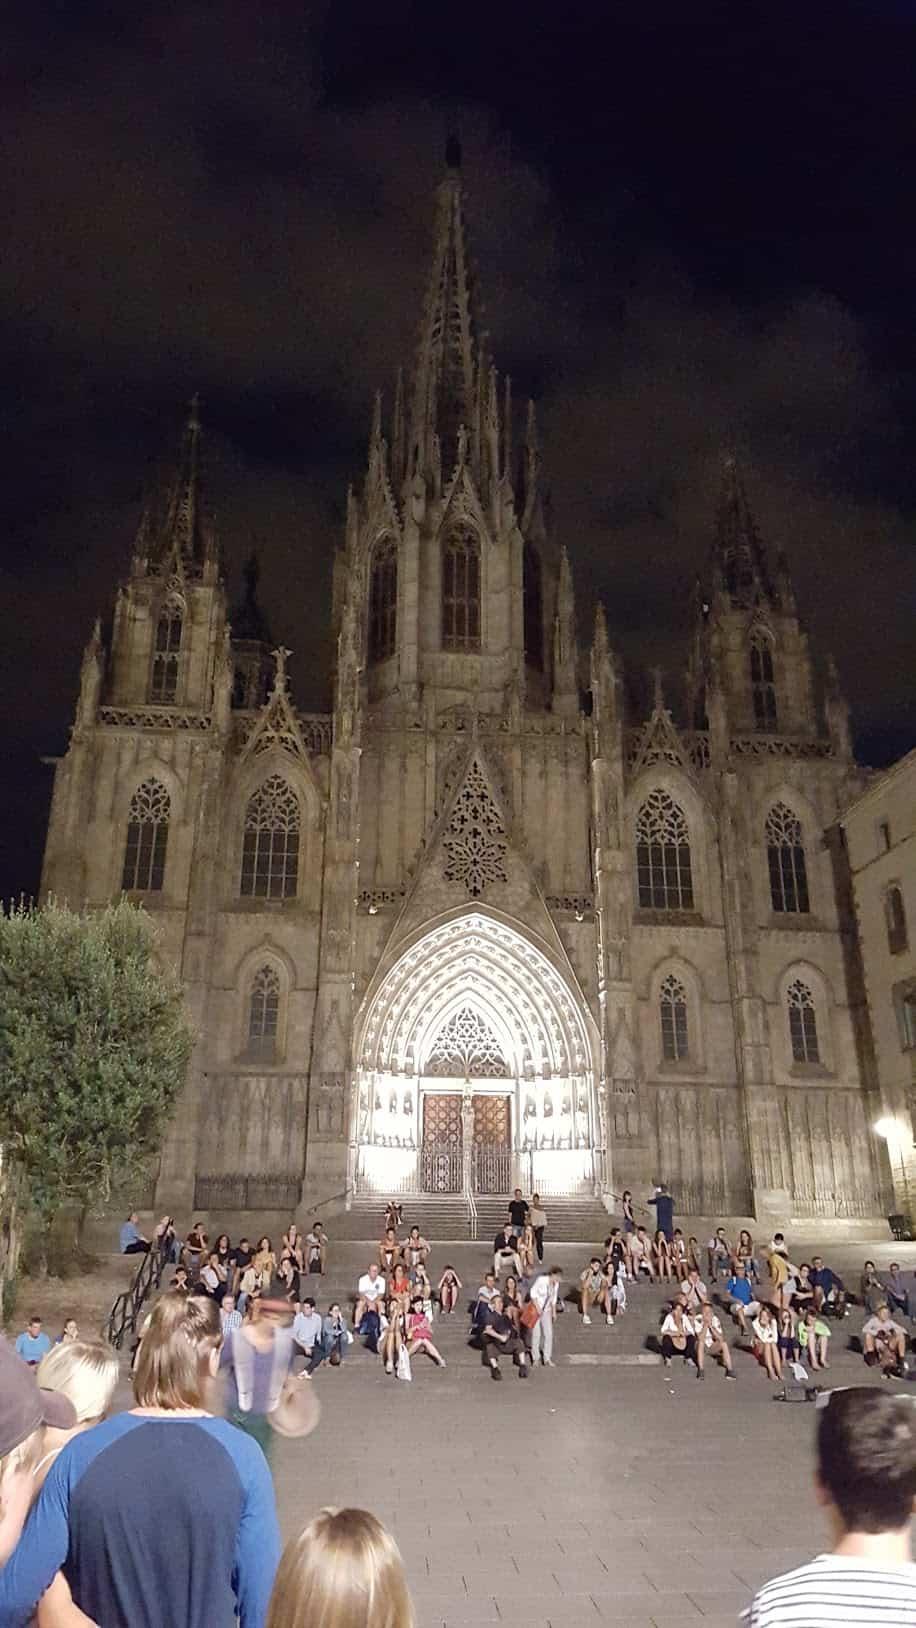 Собор Святого Креста - The Cathedral of the Holy Cross - Барселона. Главные достопримечательности